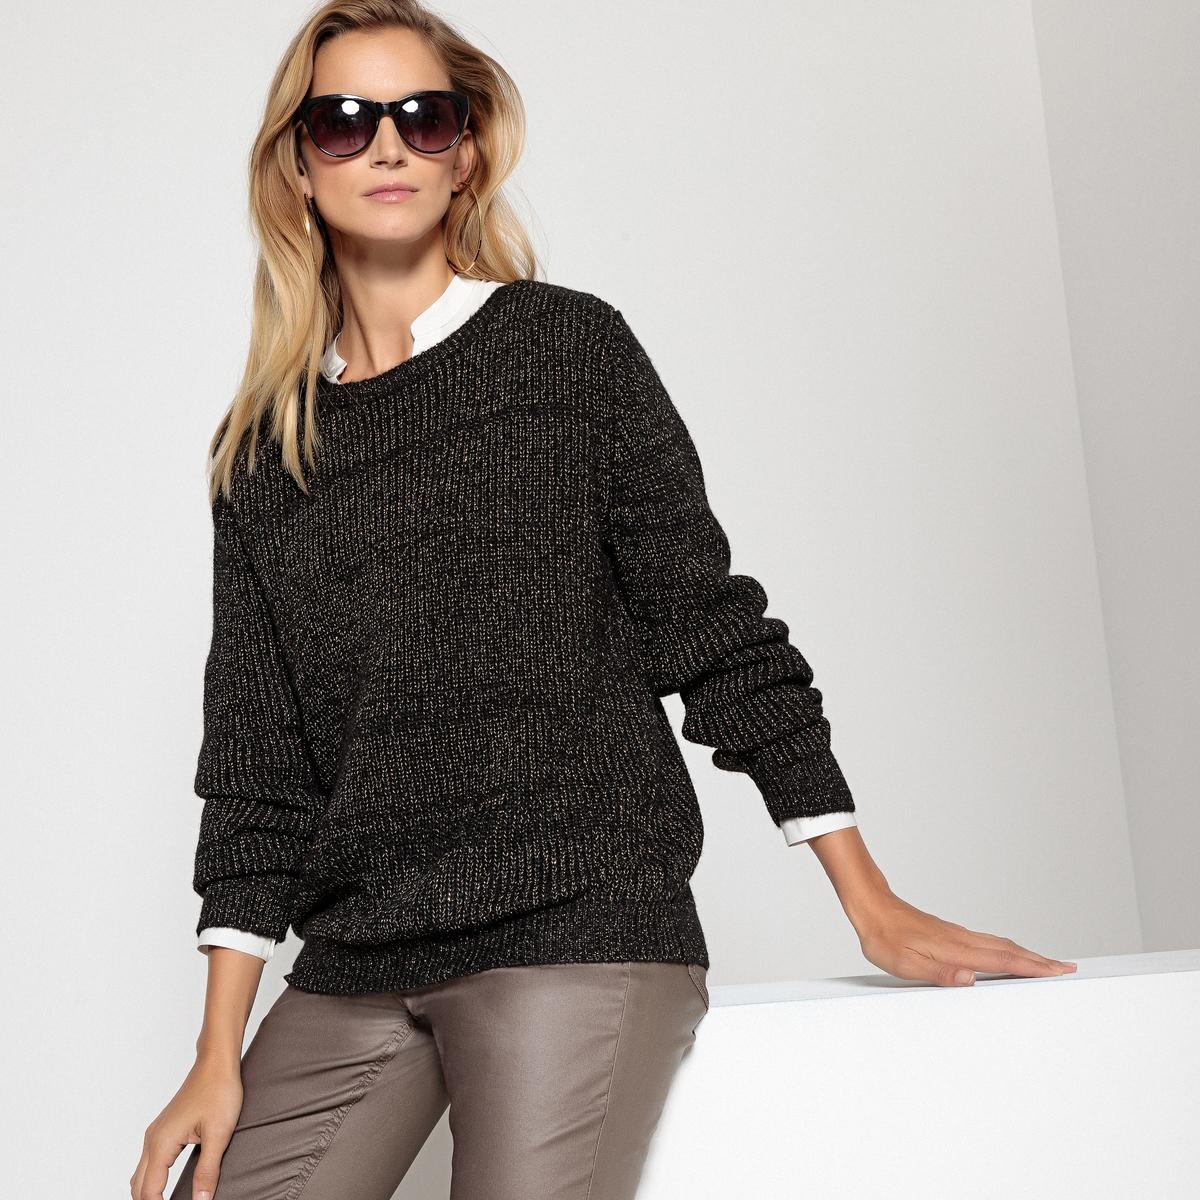 Пуловер из плотного трикотажа пуловер из плотного трикотажа с v образным вырезом